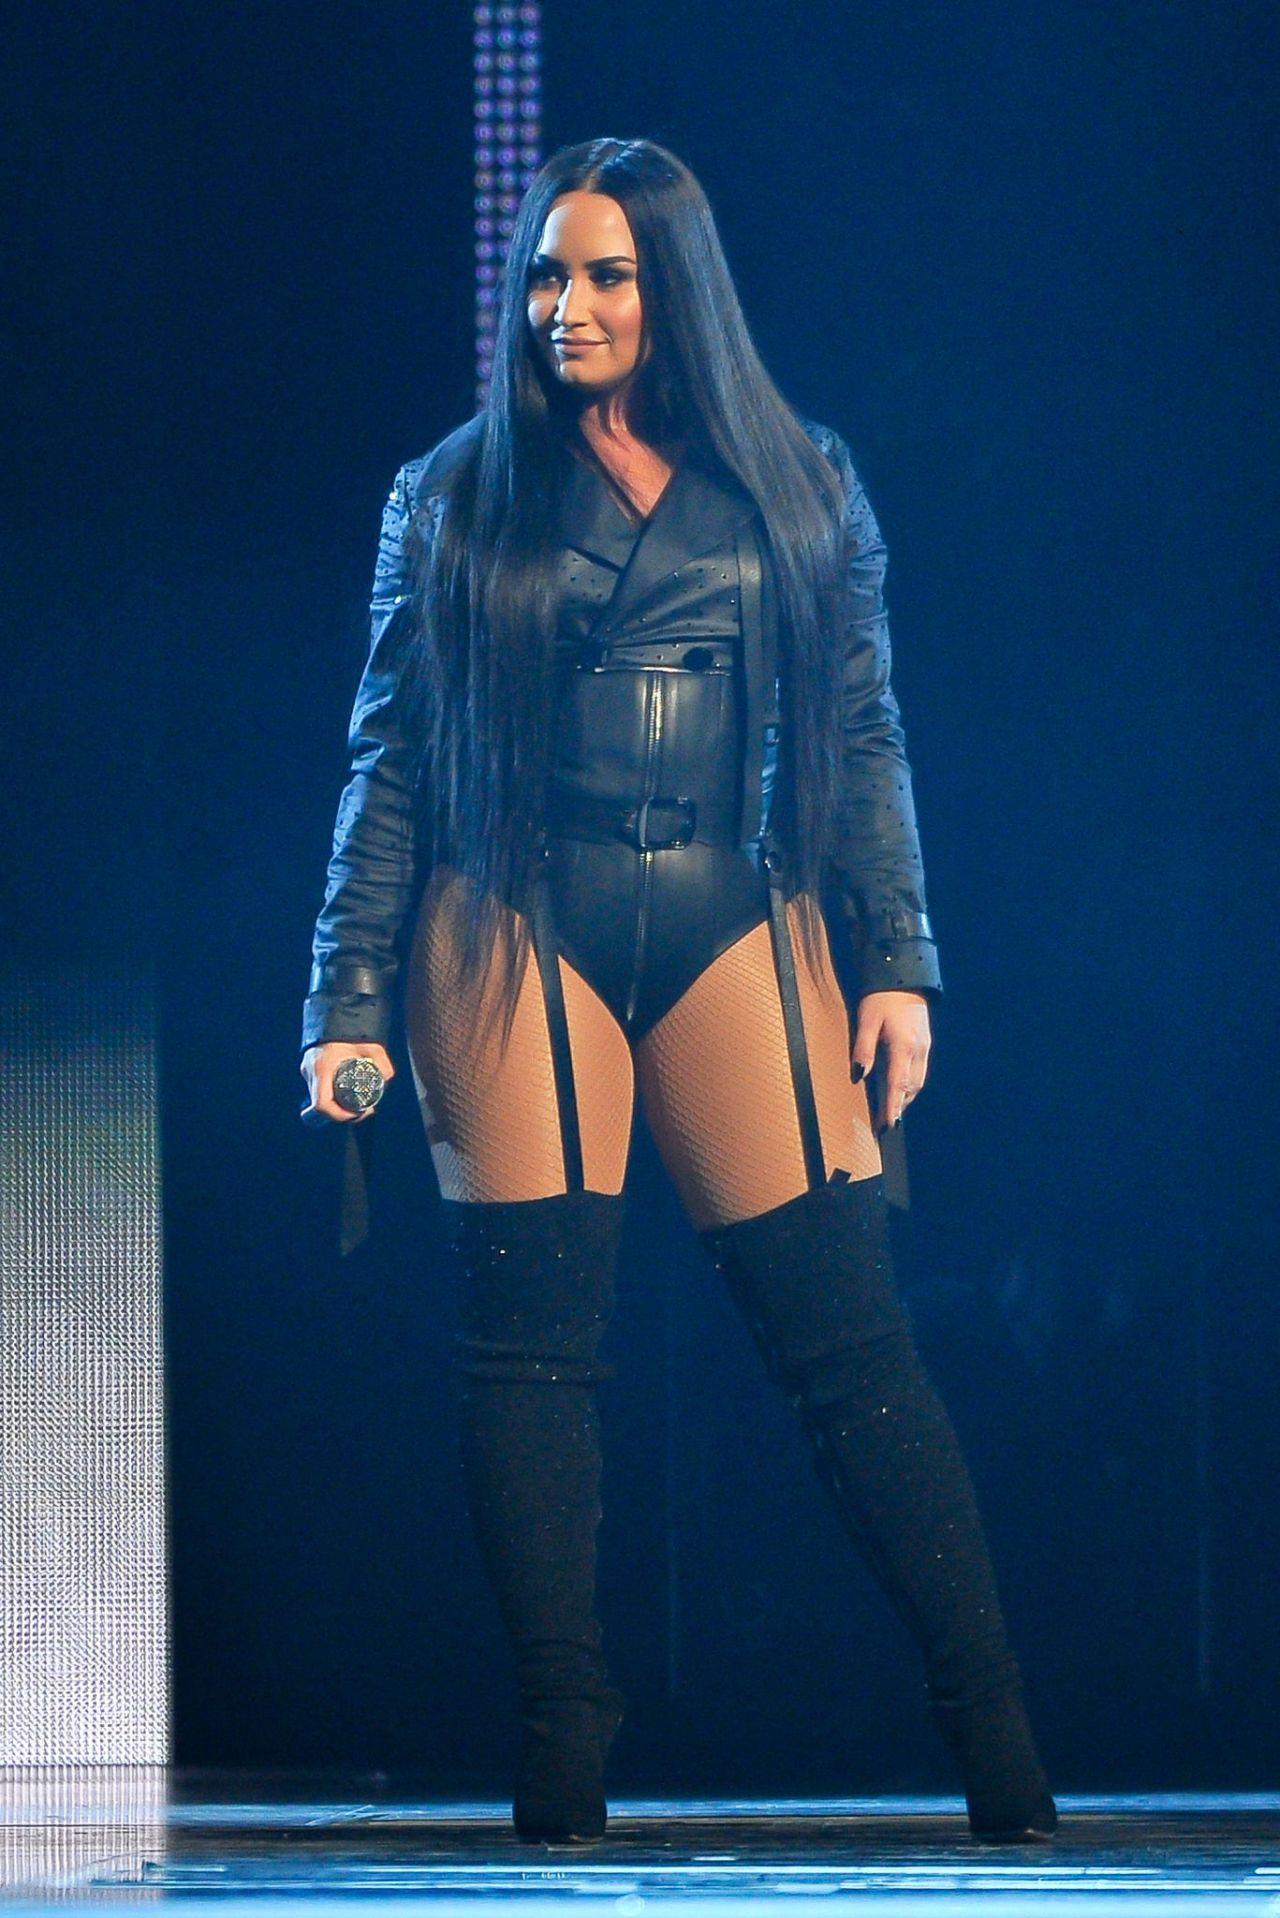 Demi Lovato Pics Nude